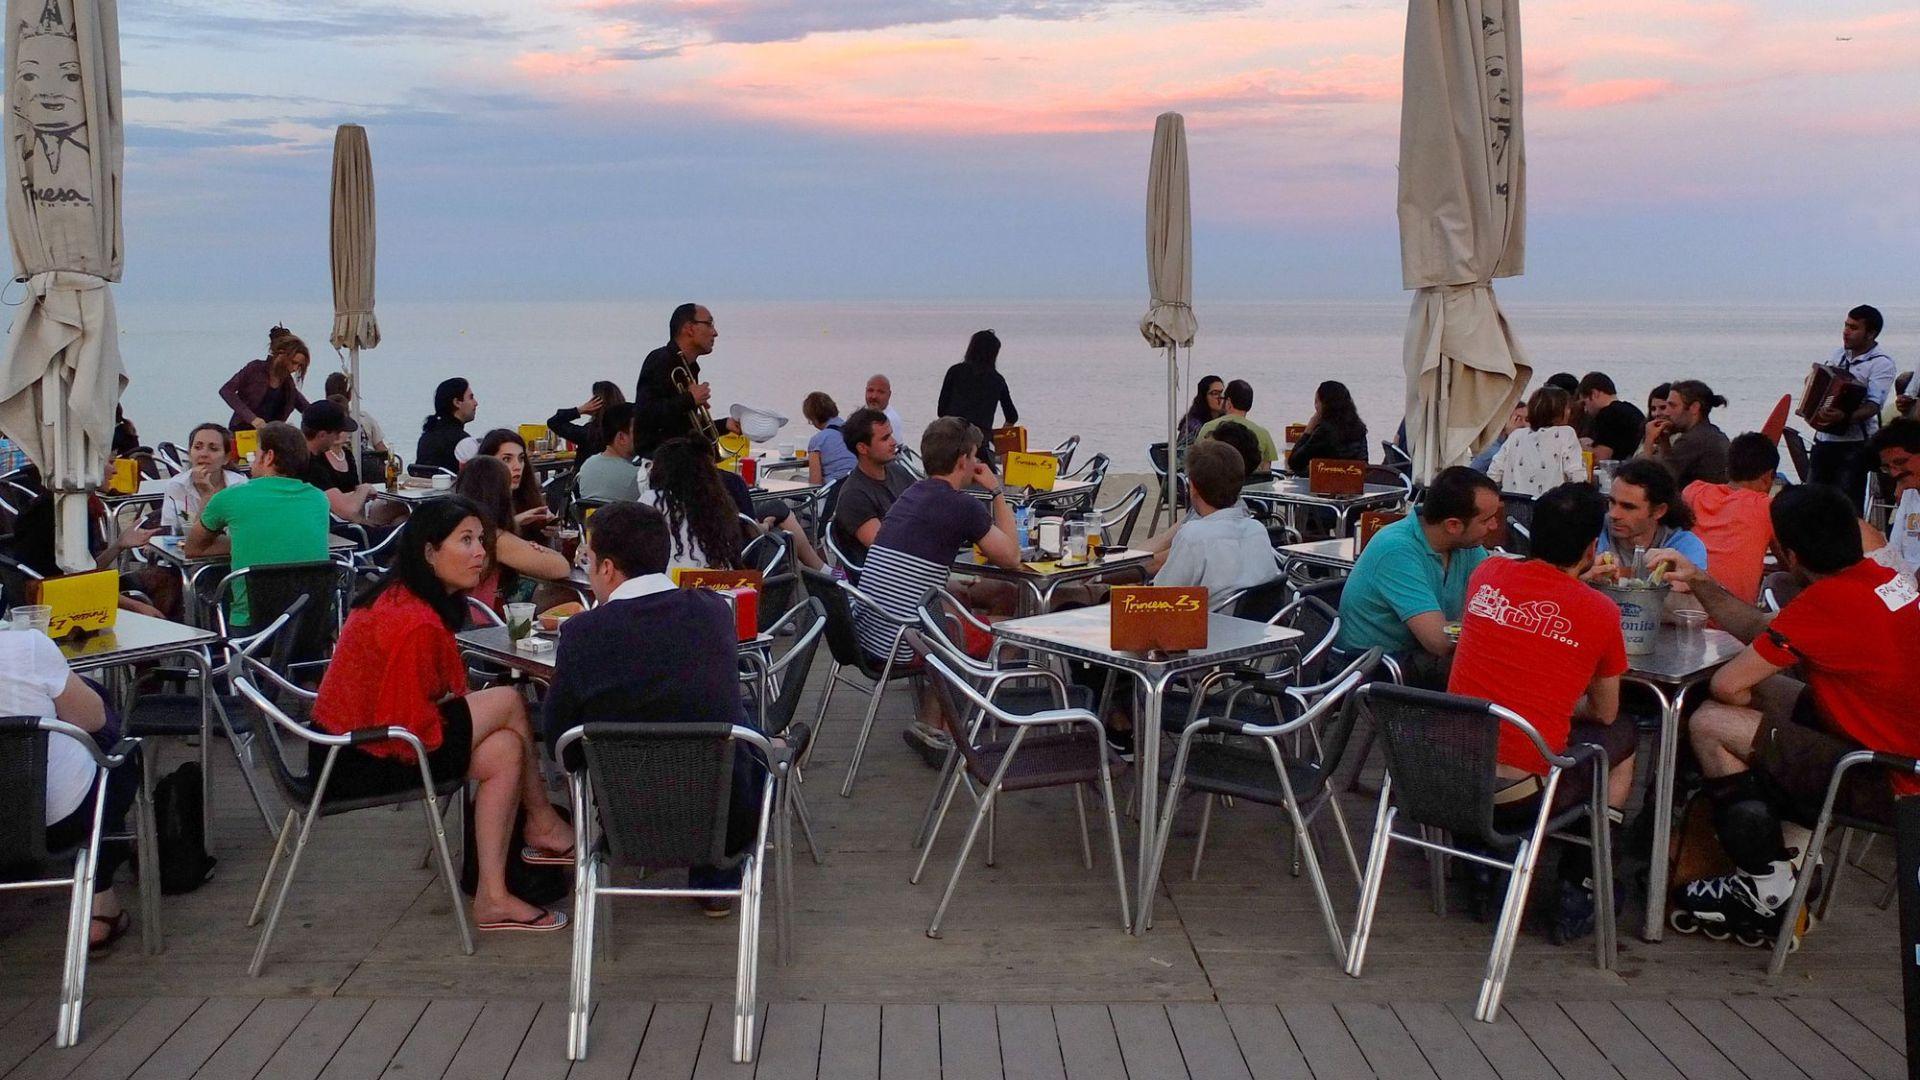 gent a la terrassa d'un bar de platja